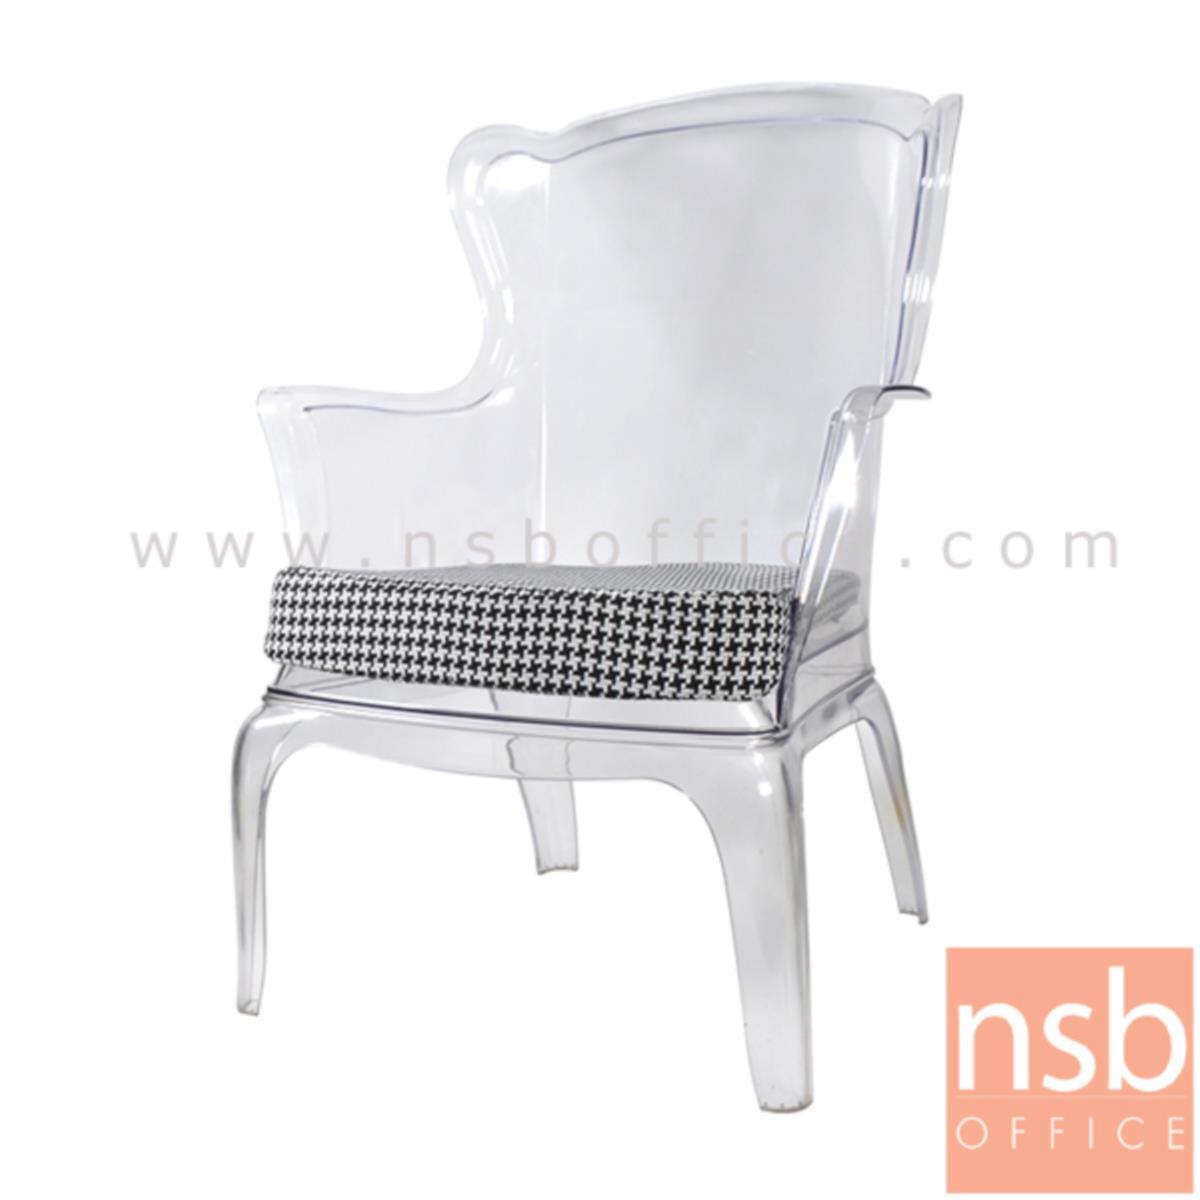 เก้าอี้โมเดิร์นพลาสติก(PC) รุ่น PP92054-PC ขนาด 73W cm.